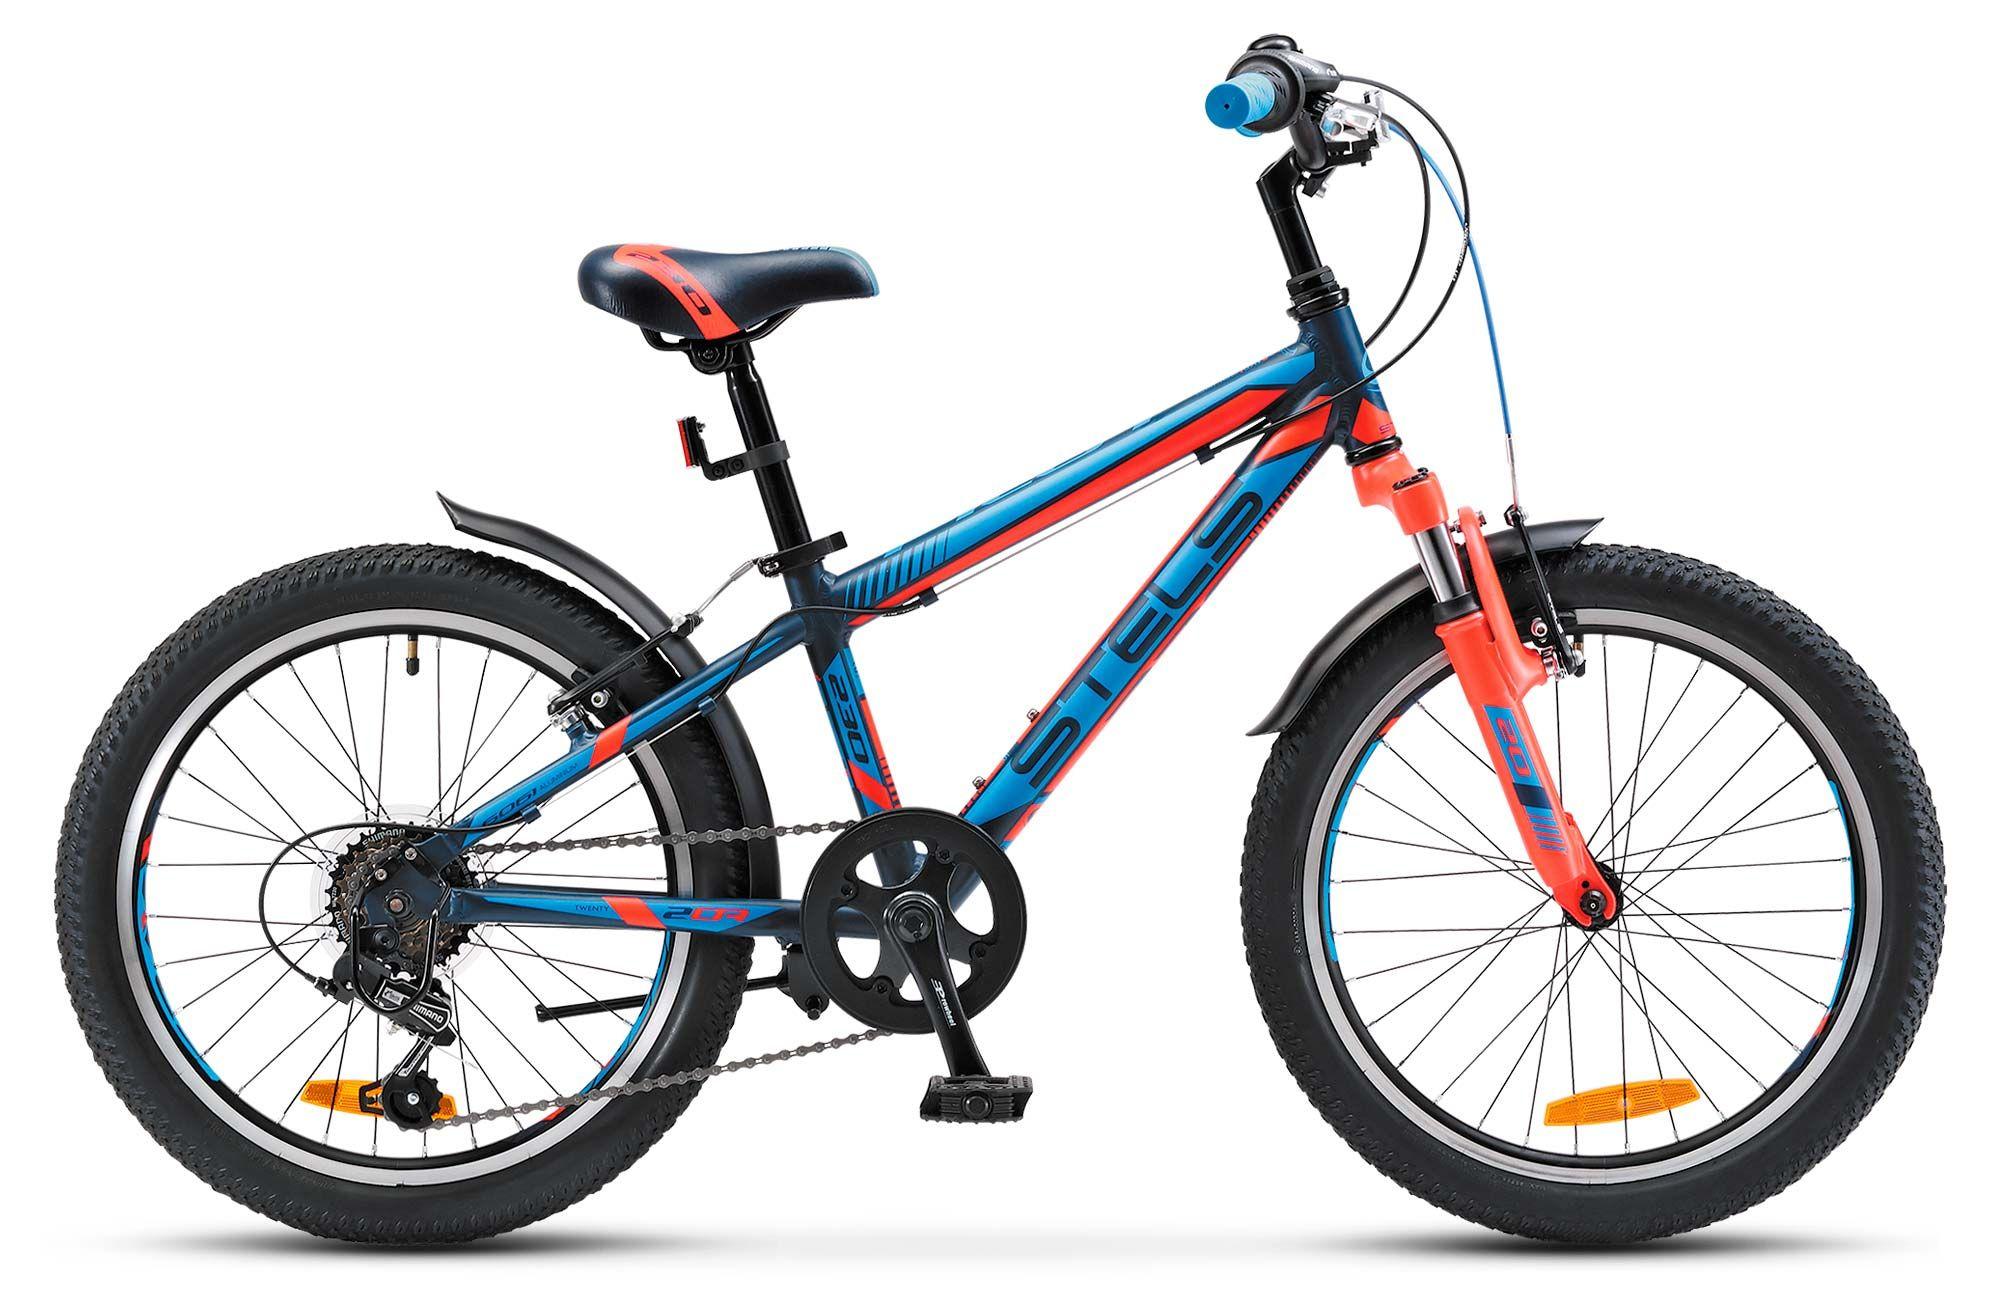 Велосипед Stels Pilot 230 Gent 20 (V020) 2018 велосипед pegasus piazza gent 7 sp 28 2016